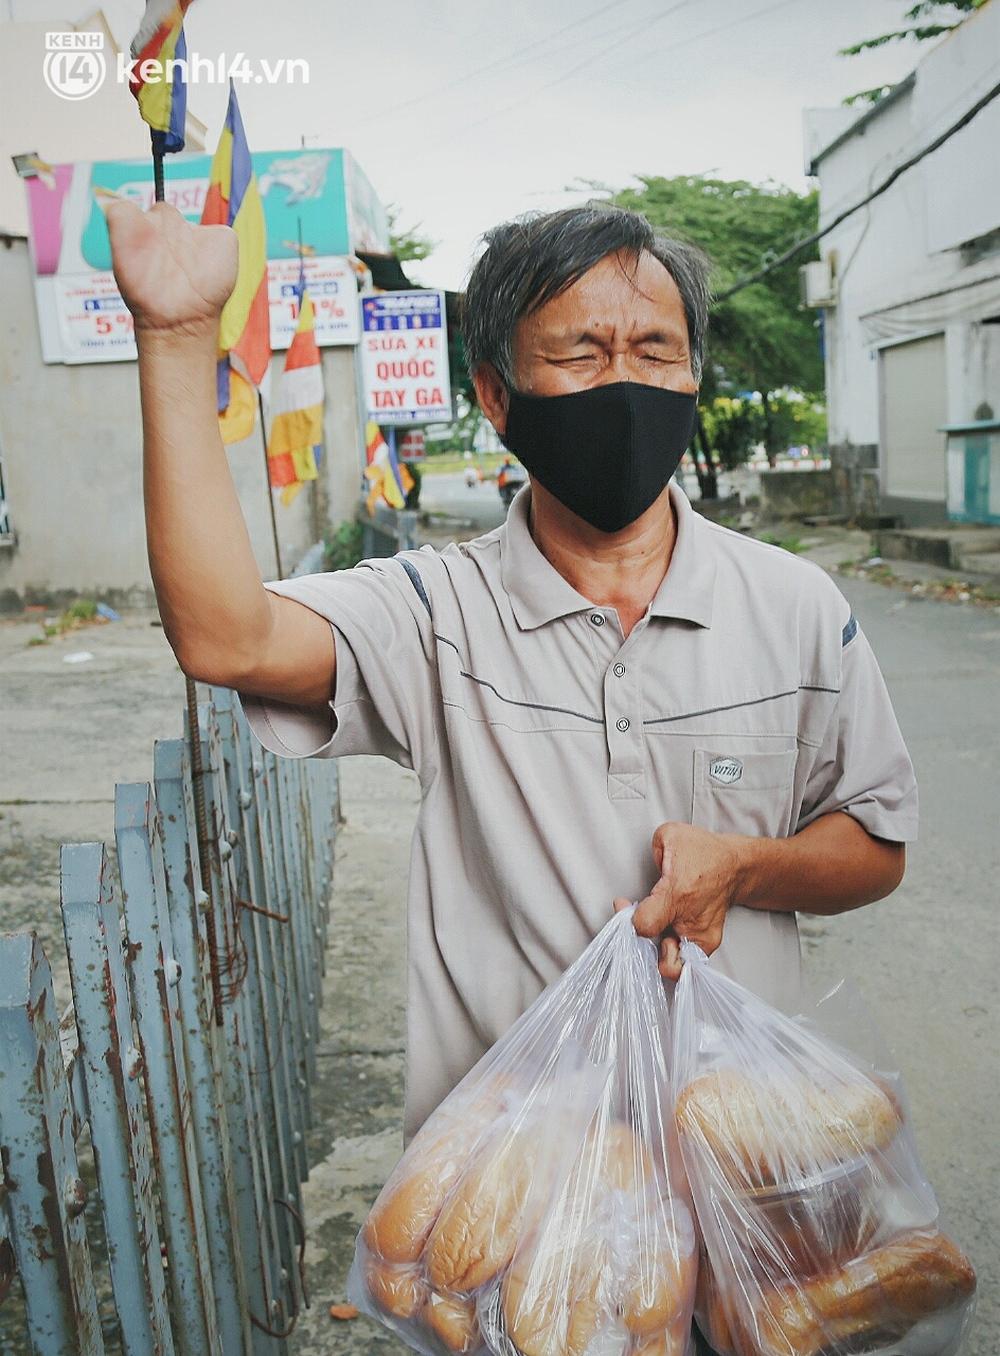 Mẹ khiếm thị, con trai nấu cơm rồi đi khắp Sài Gòn để tặng người khuyết tật: Mẹ có anh đi còn té ngã, cô chú ngoài kia chẳng biết sống sao - Ảnh 11.